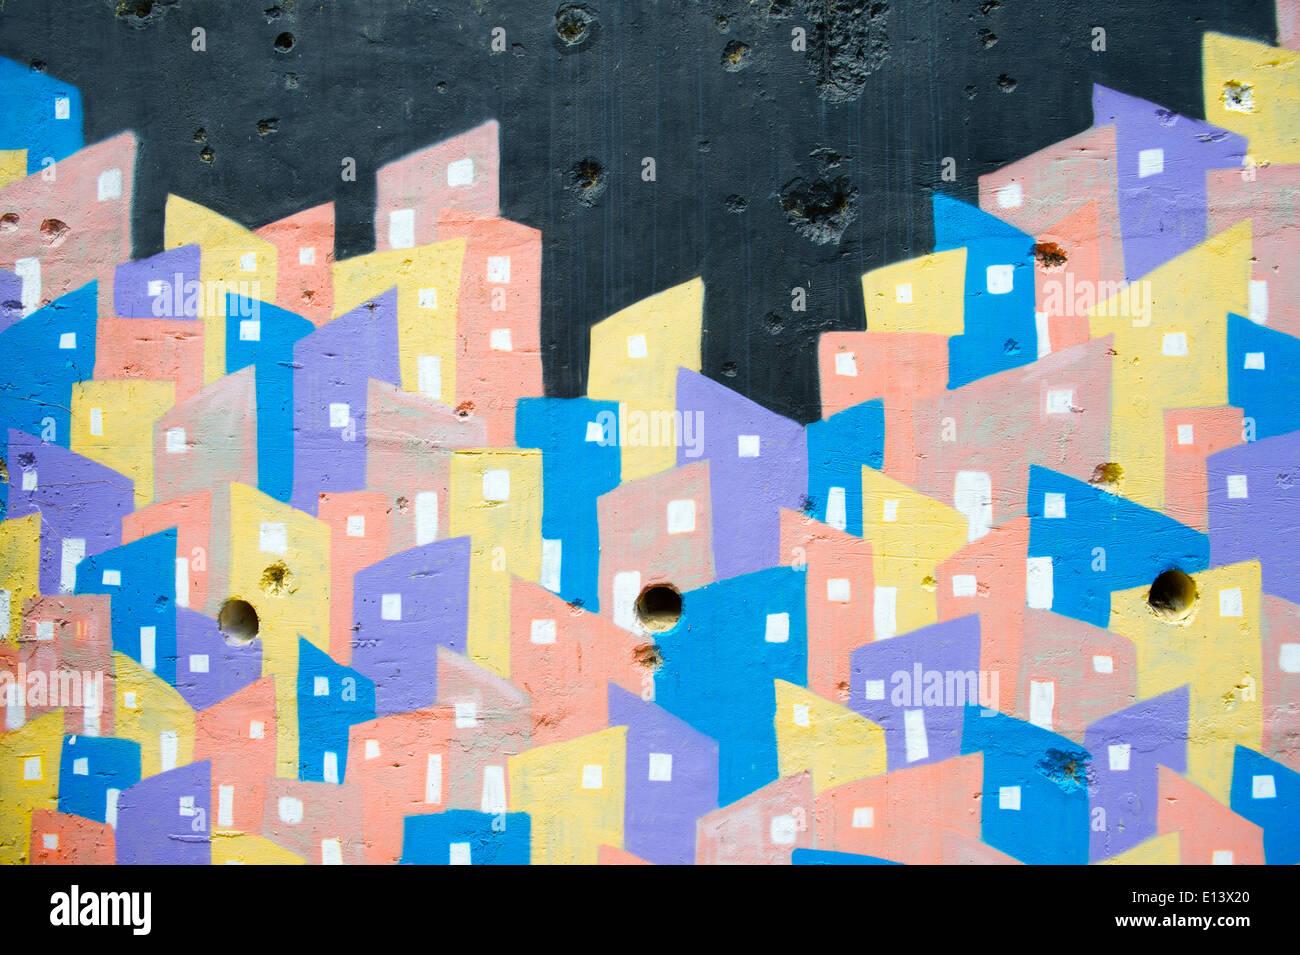 RIO DE JANEIRO, Brésil - le 14 février 2014: le rendu graphique de favela graffiti colorés en haut de la Favela Banque D'Images